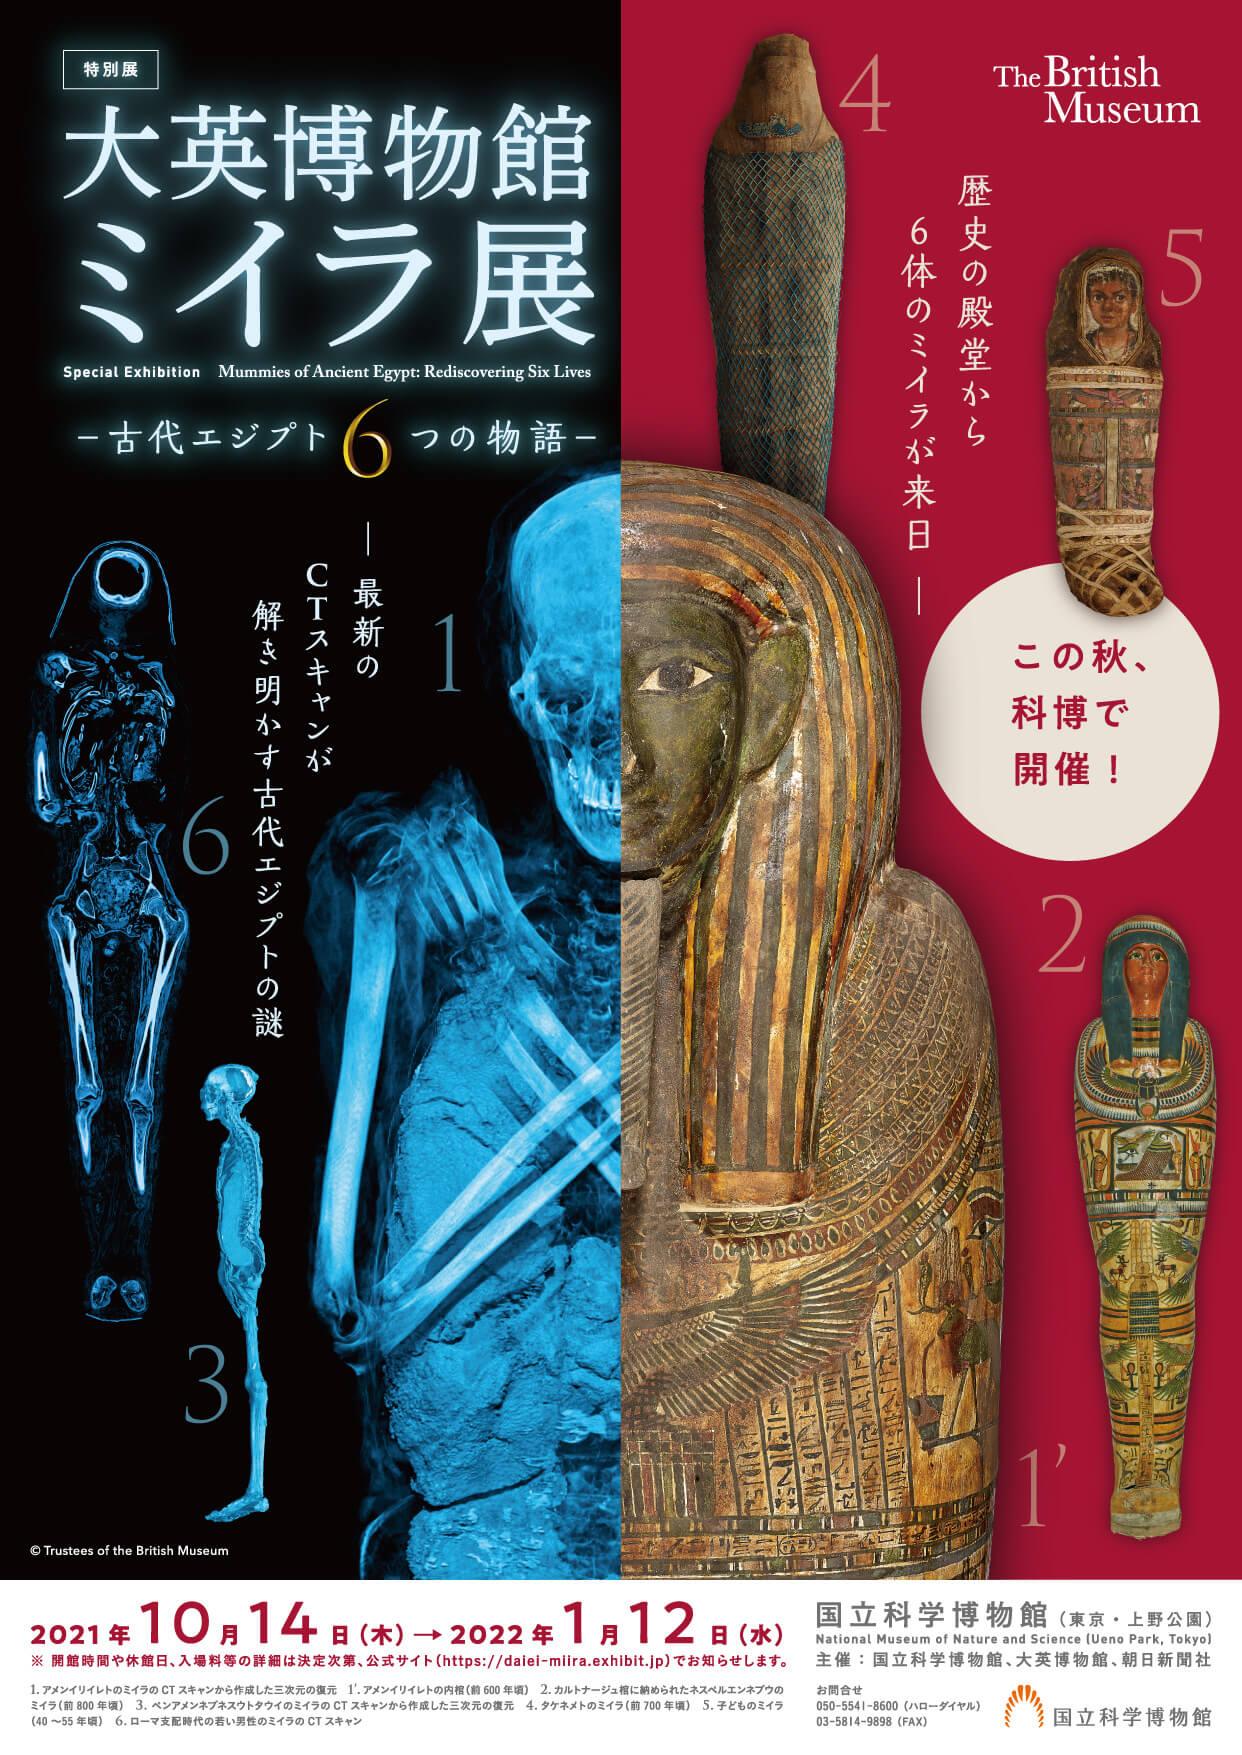 特別展「大英博物館ミイラ展 古代エジプト6つの物語」